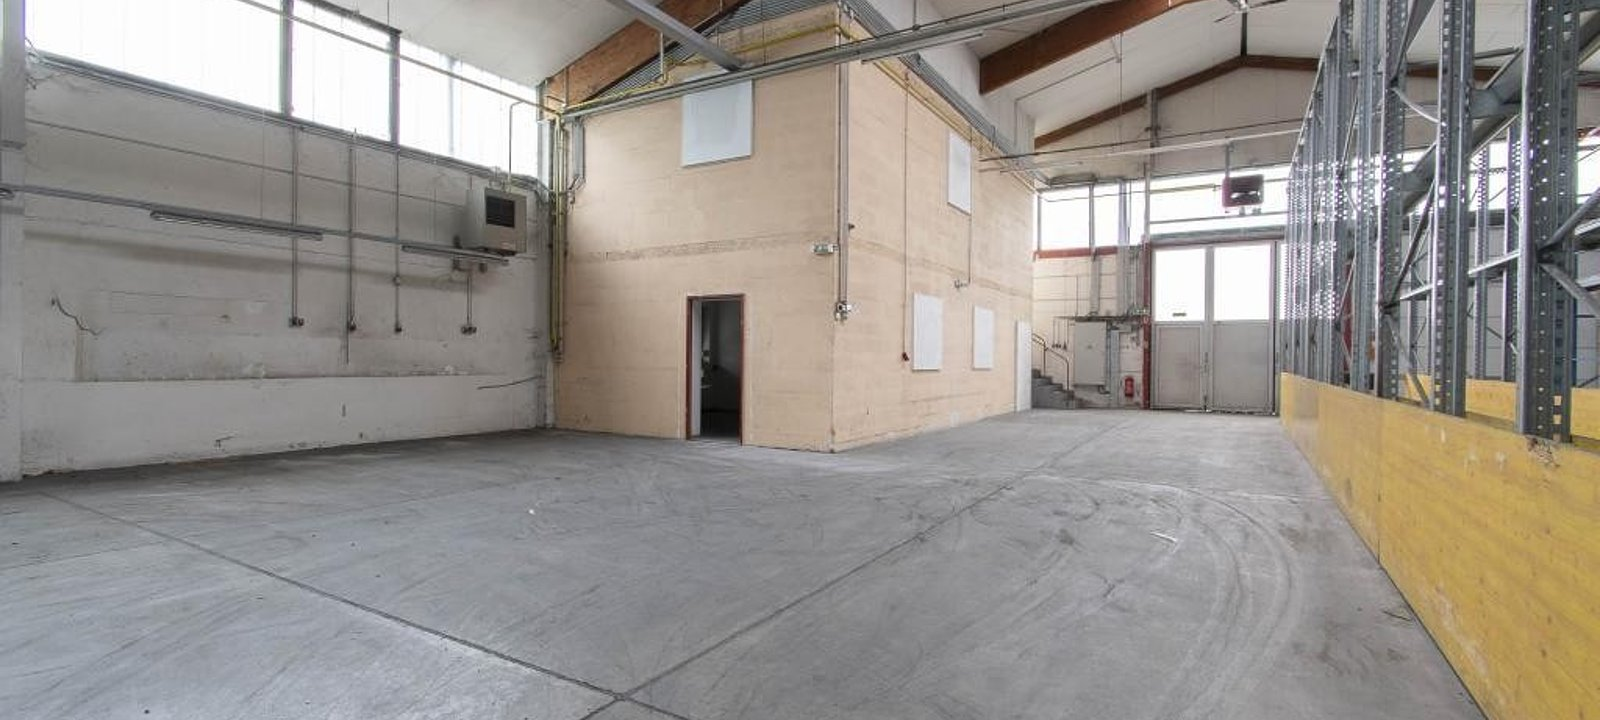 Halle 4a - Bürofläche in der Halle